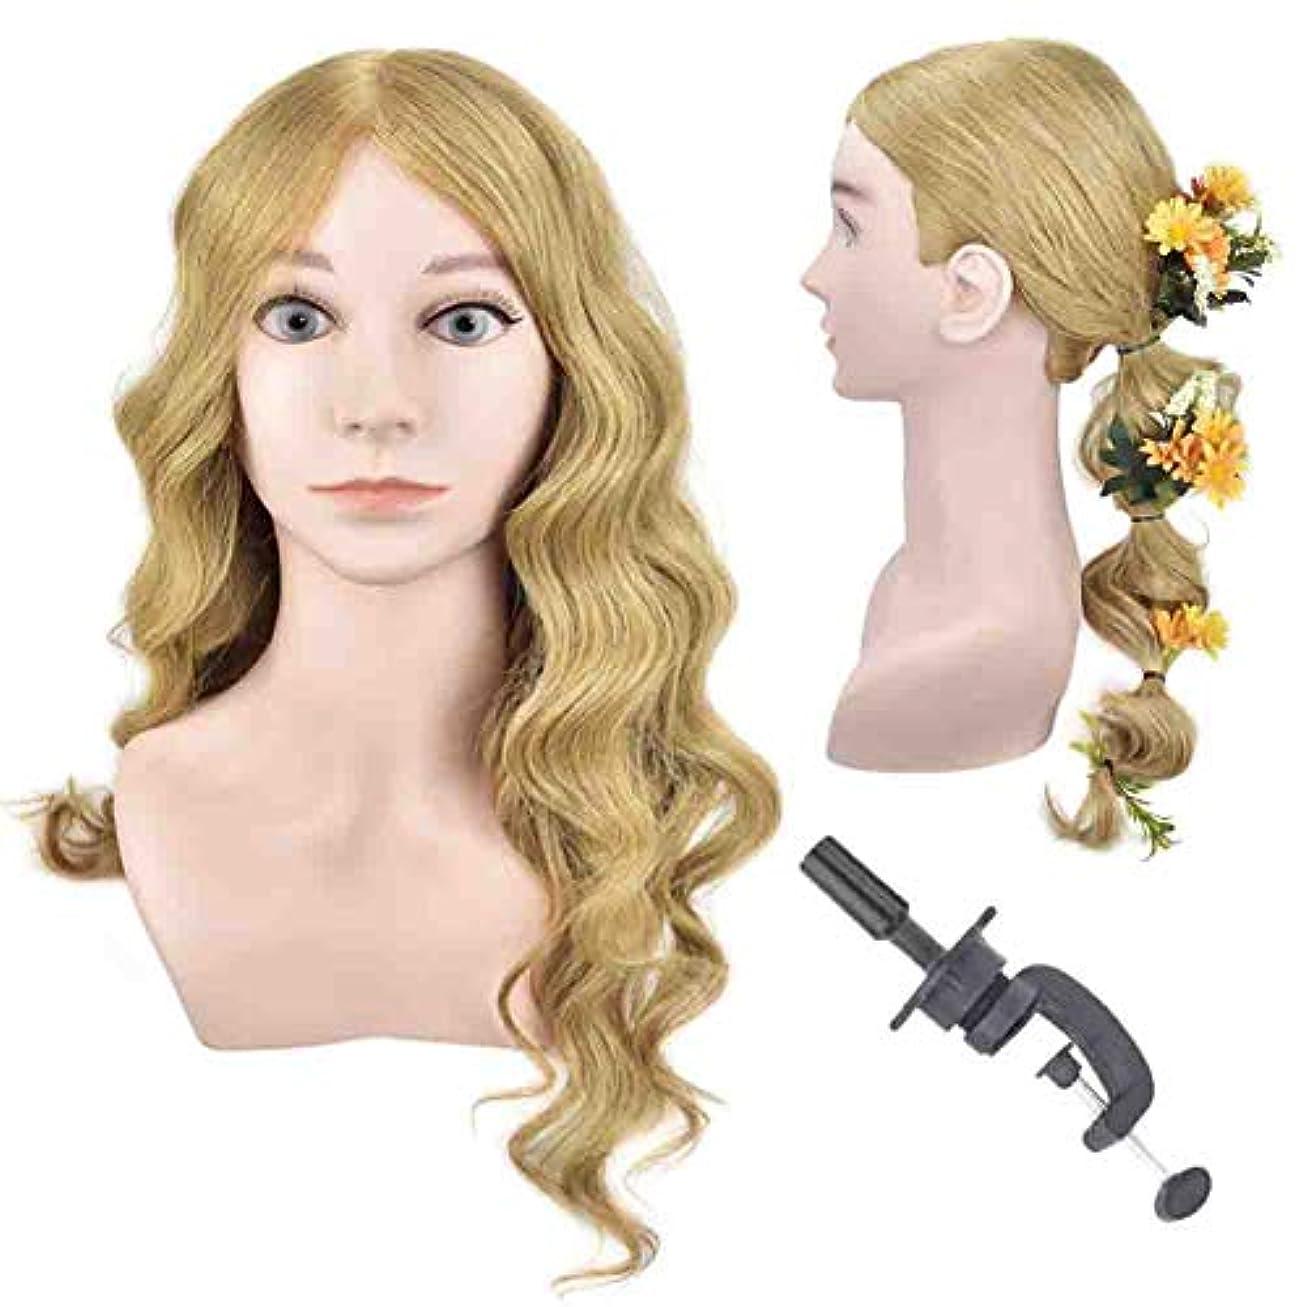 遺体安置所過去埋める編んだ髪のヘッドモデル本物の人間の髪のスタイルの学習モデルヘッドサロンの学習は熱いと染めた髪のダミーの頭にすることができます